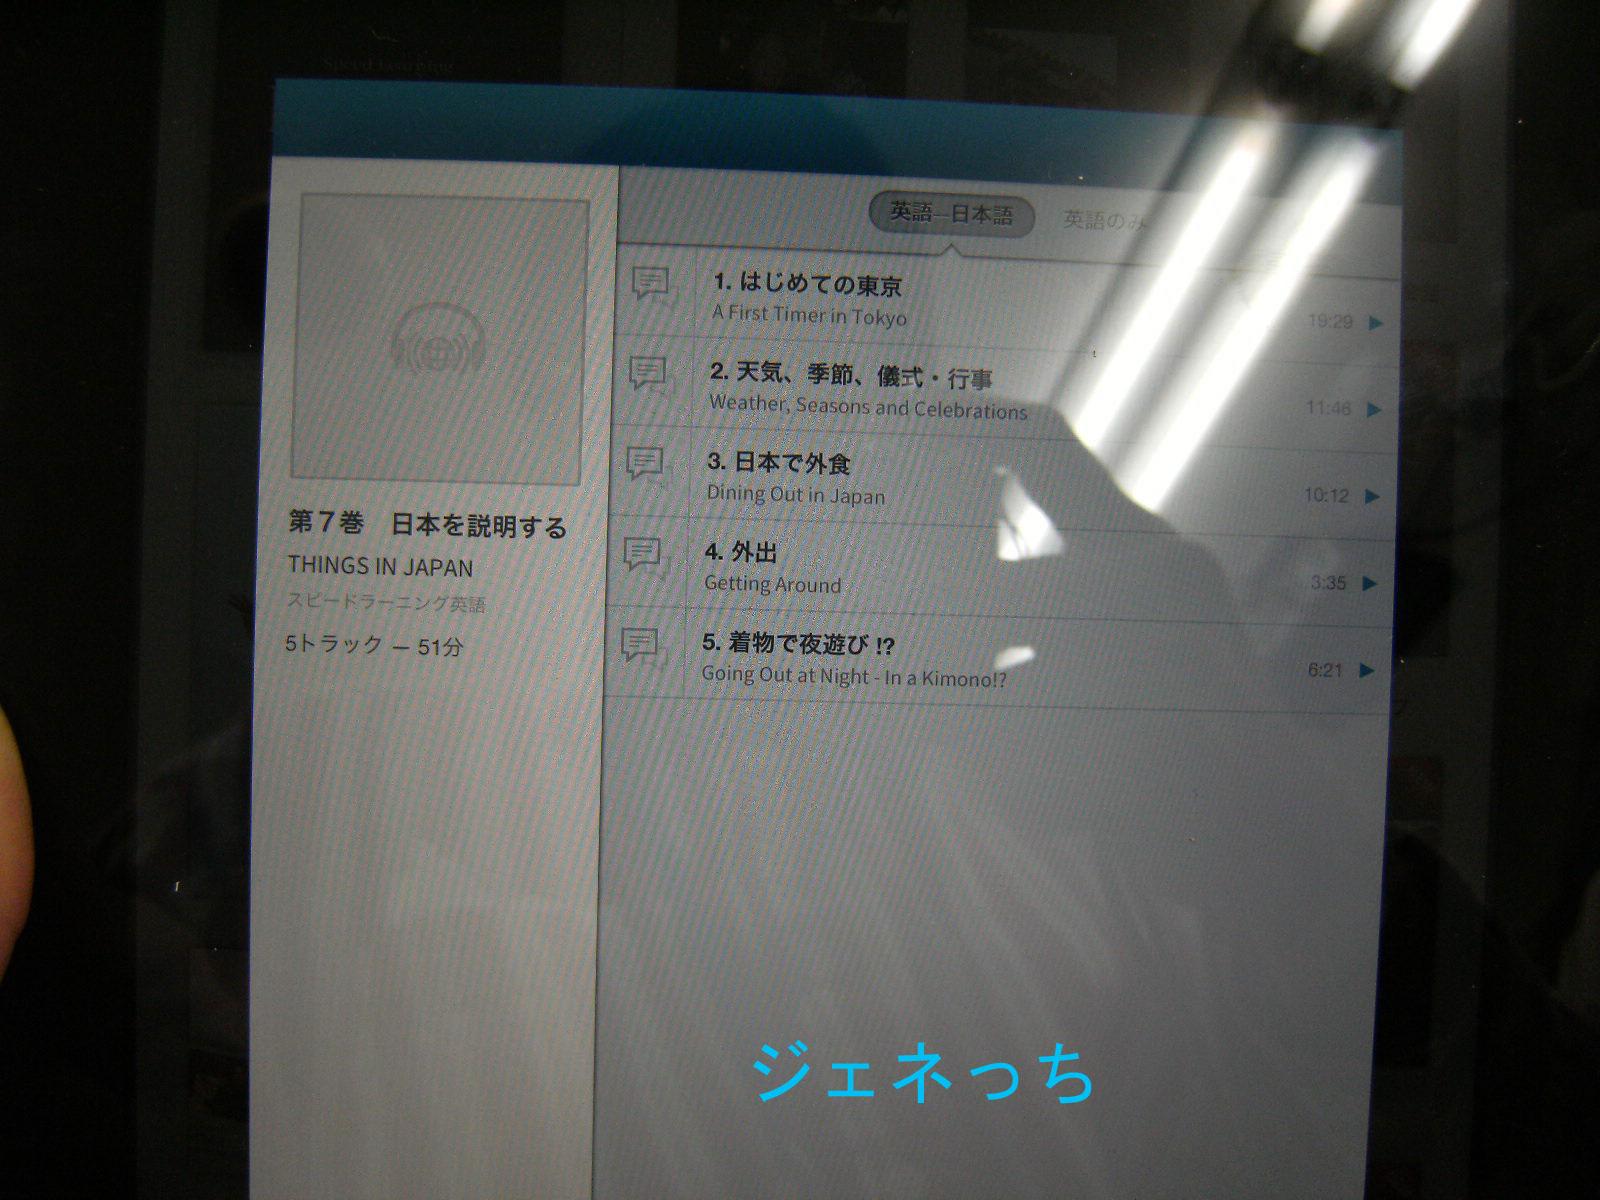 外国語学習トレーニング「ロゼッタストーン」について調べてみました。